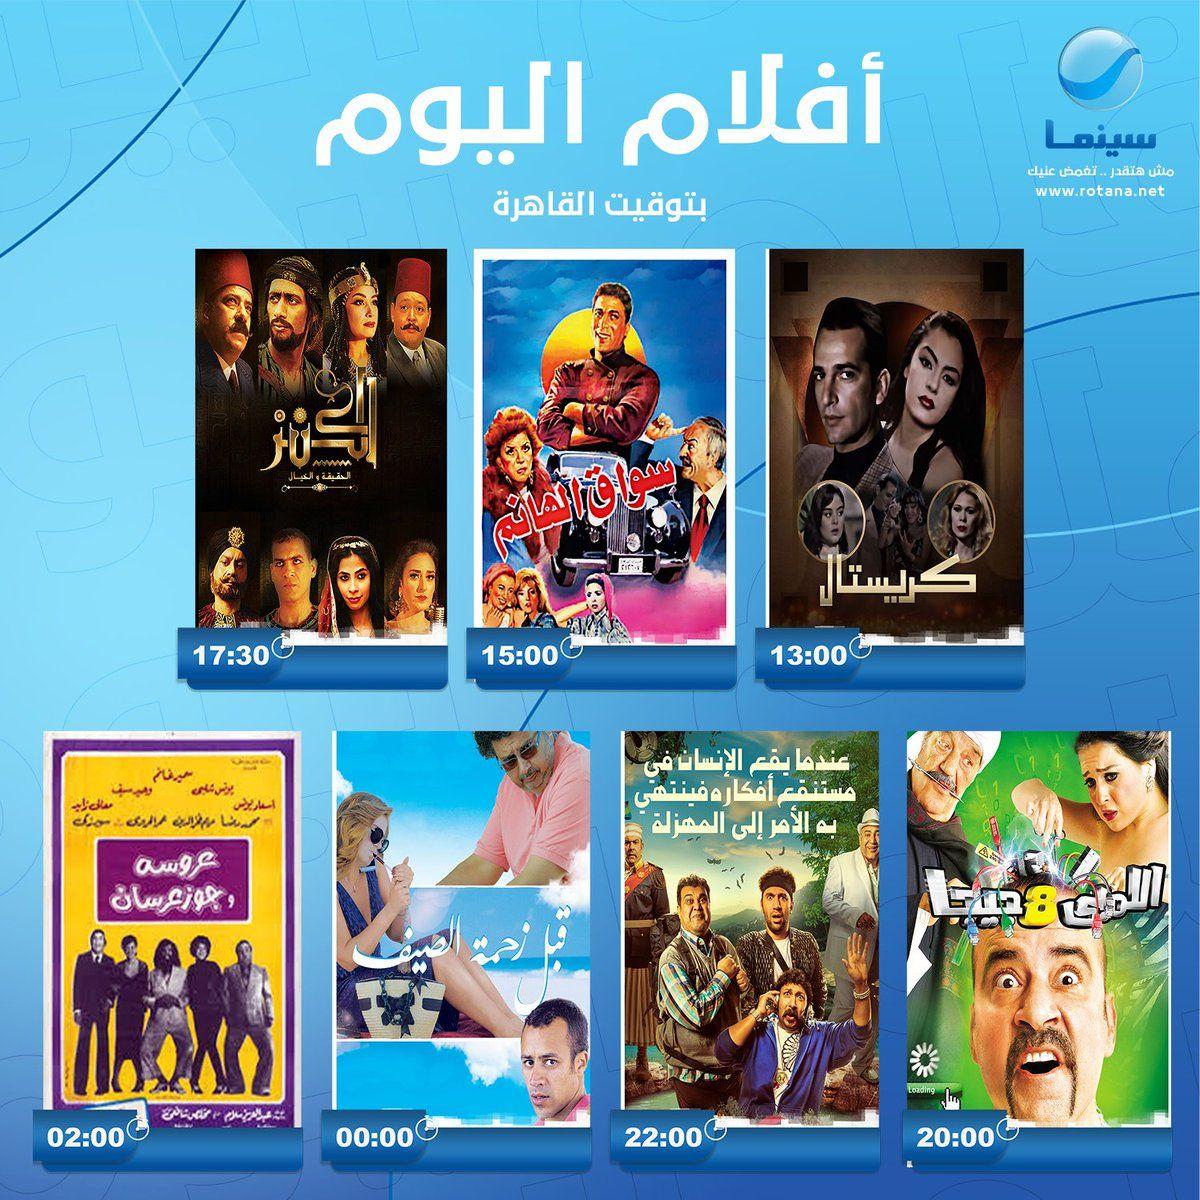 جدول أفلام قناة روتانا سينما اليوم 24 5 2020 Comic Book Cover Comic Books Book Cover